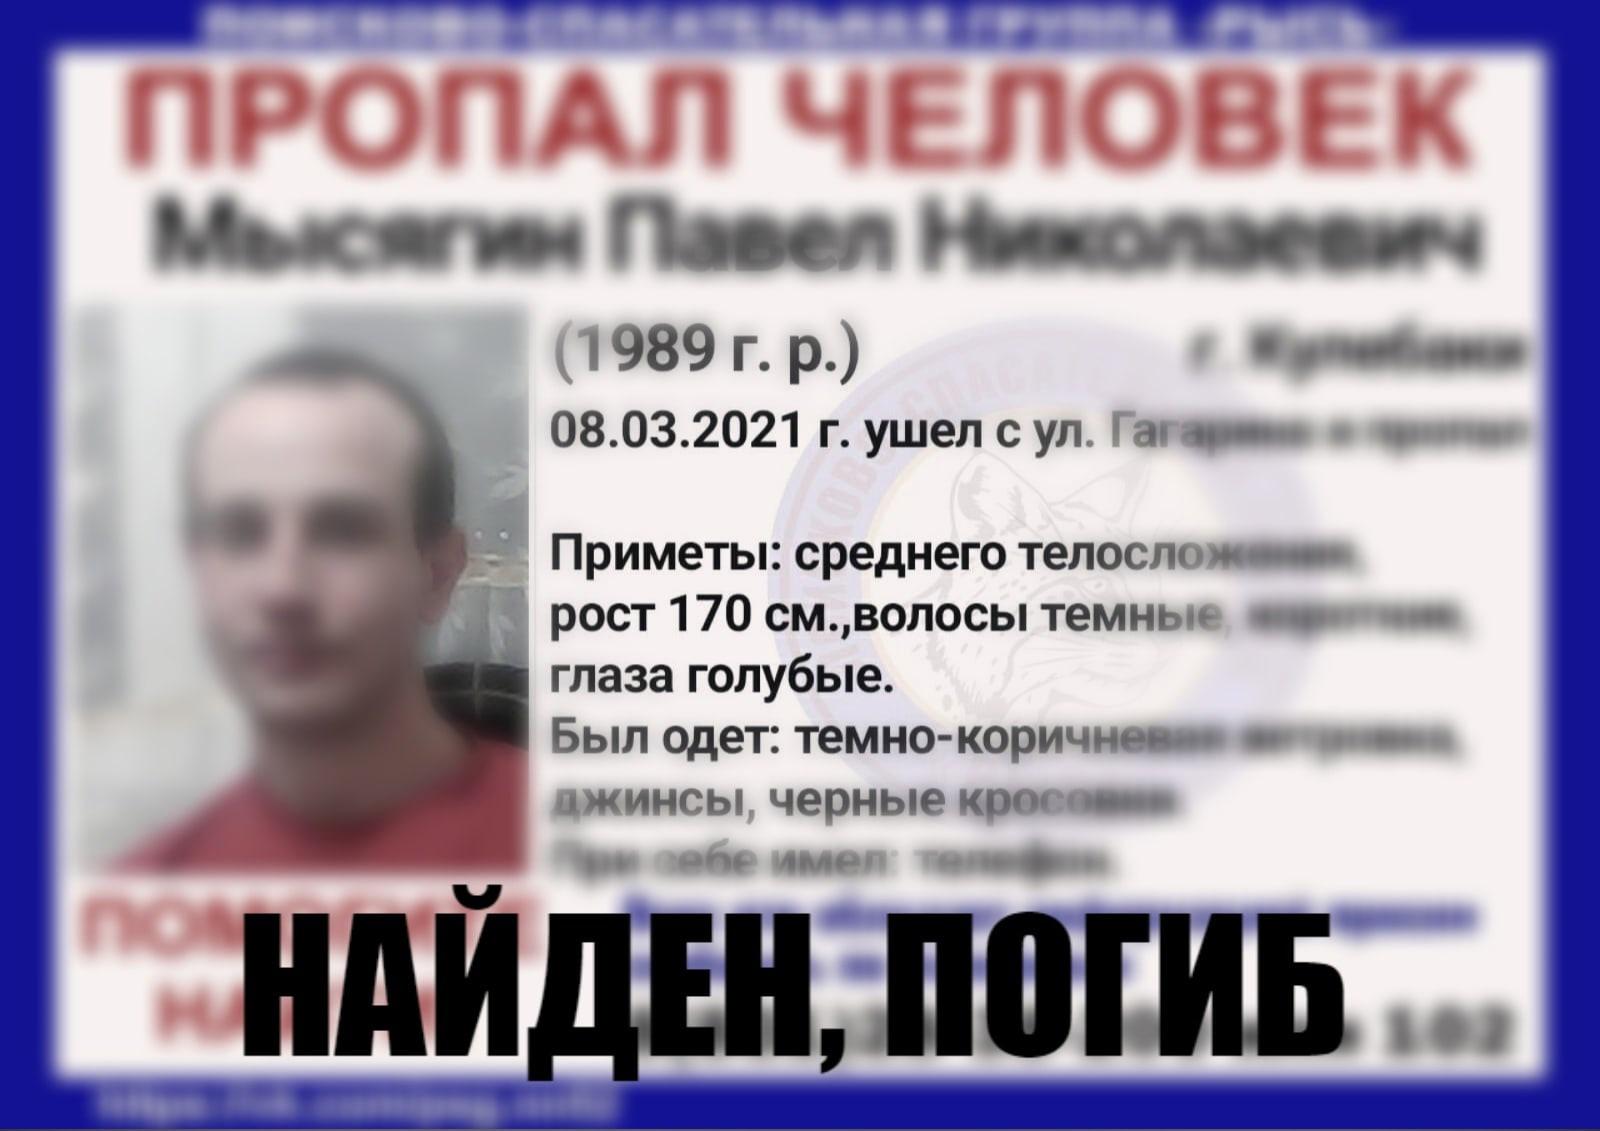 Мысягин Павел Николаевич